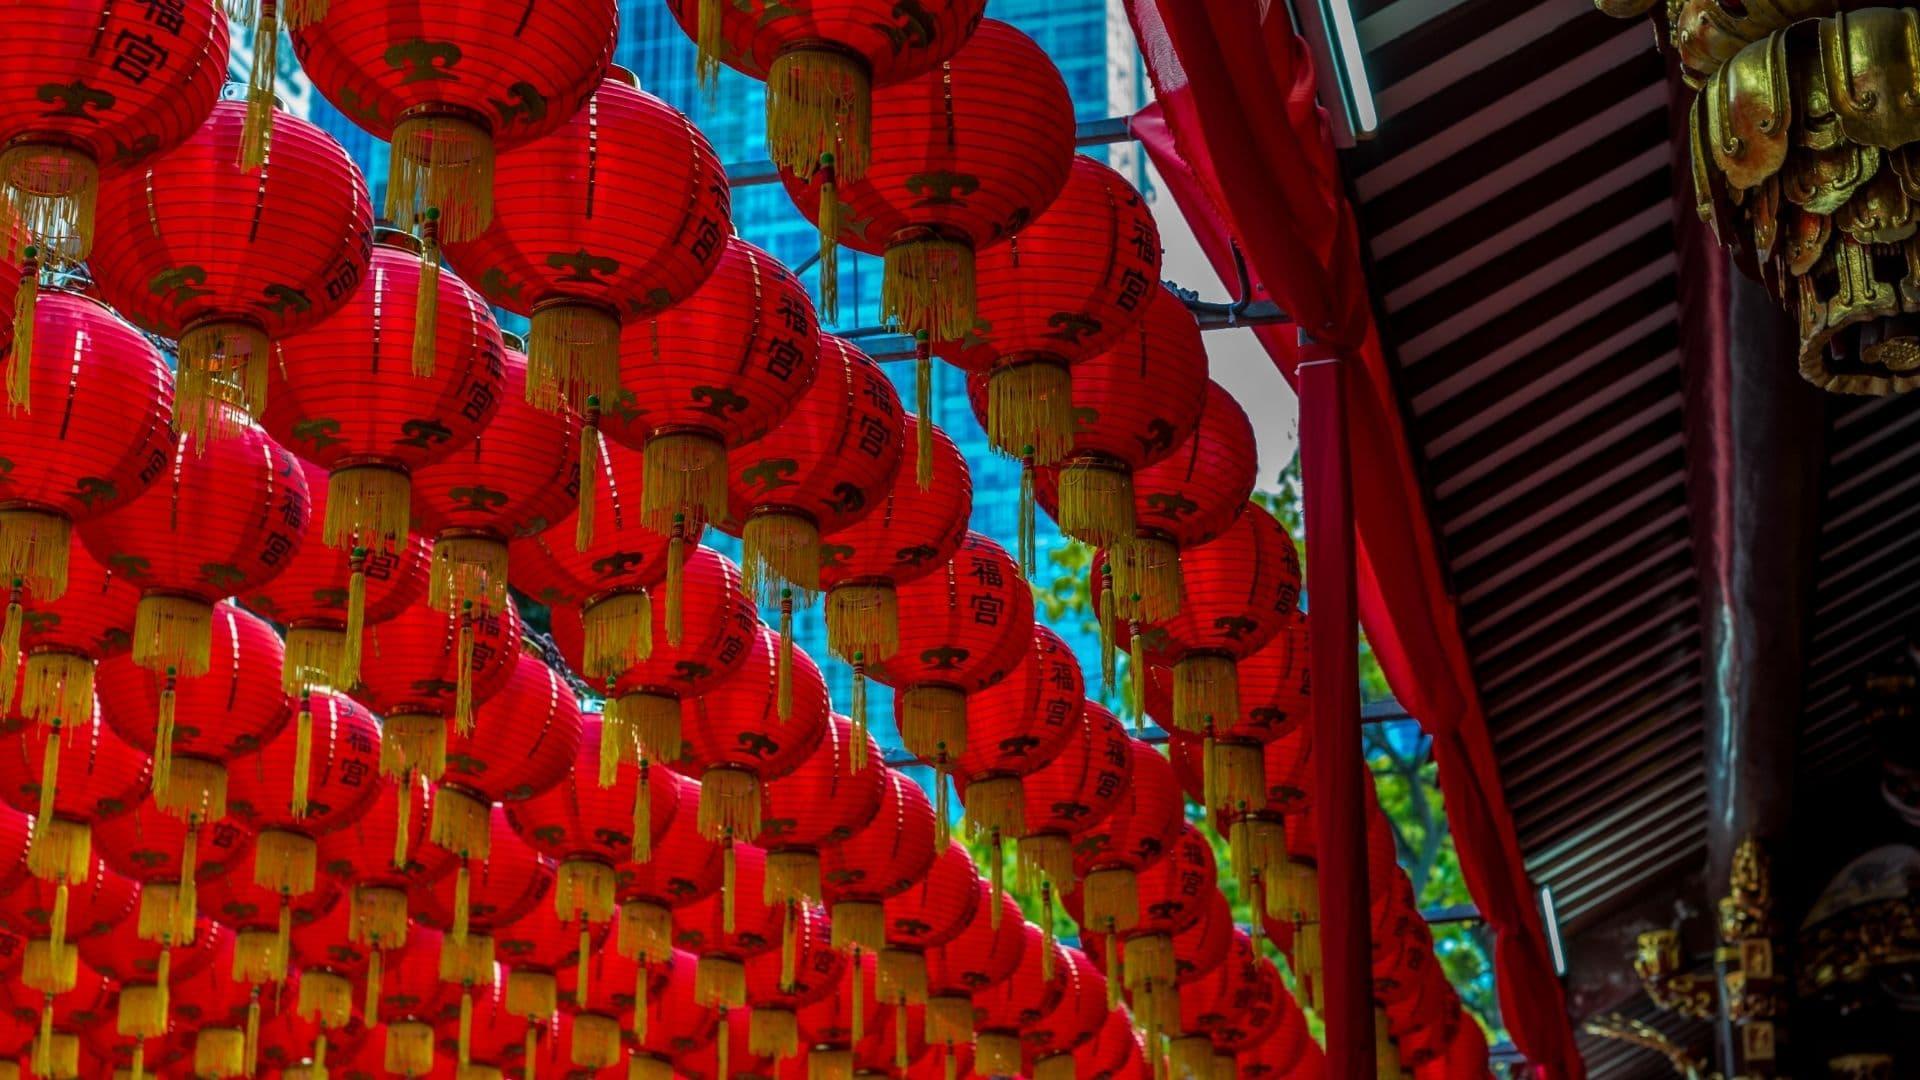 Lámparas decorativas del Templo Thian Hock Keng